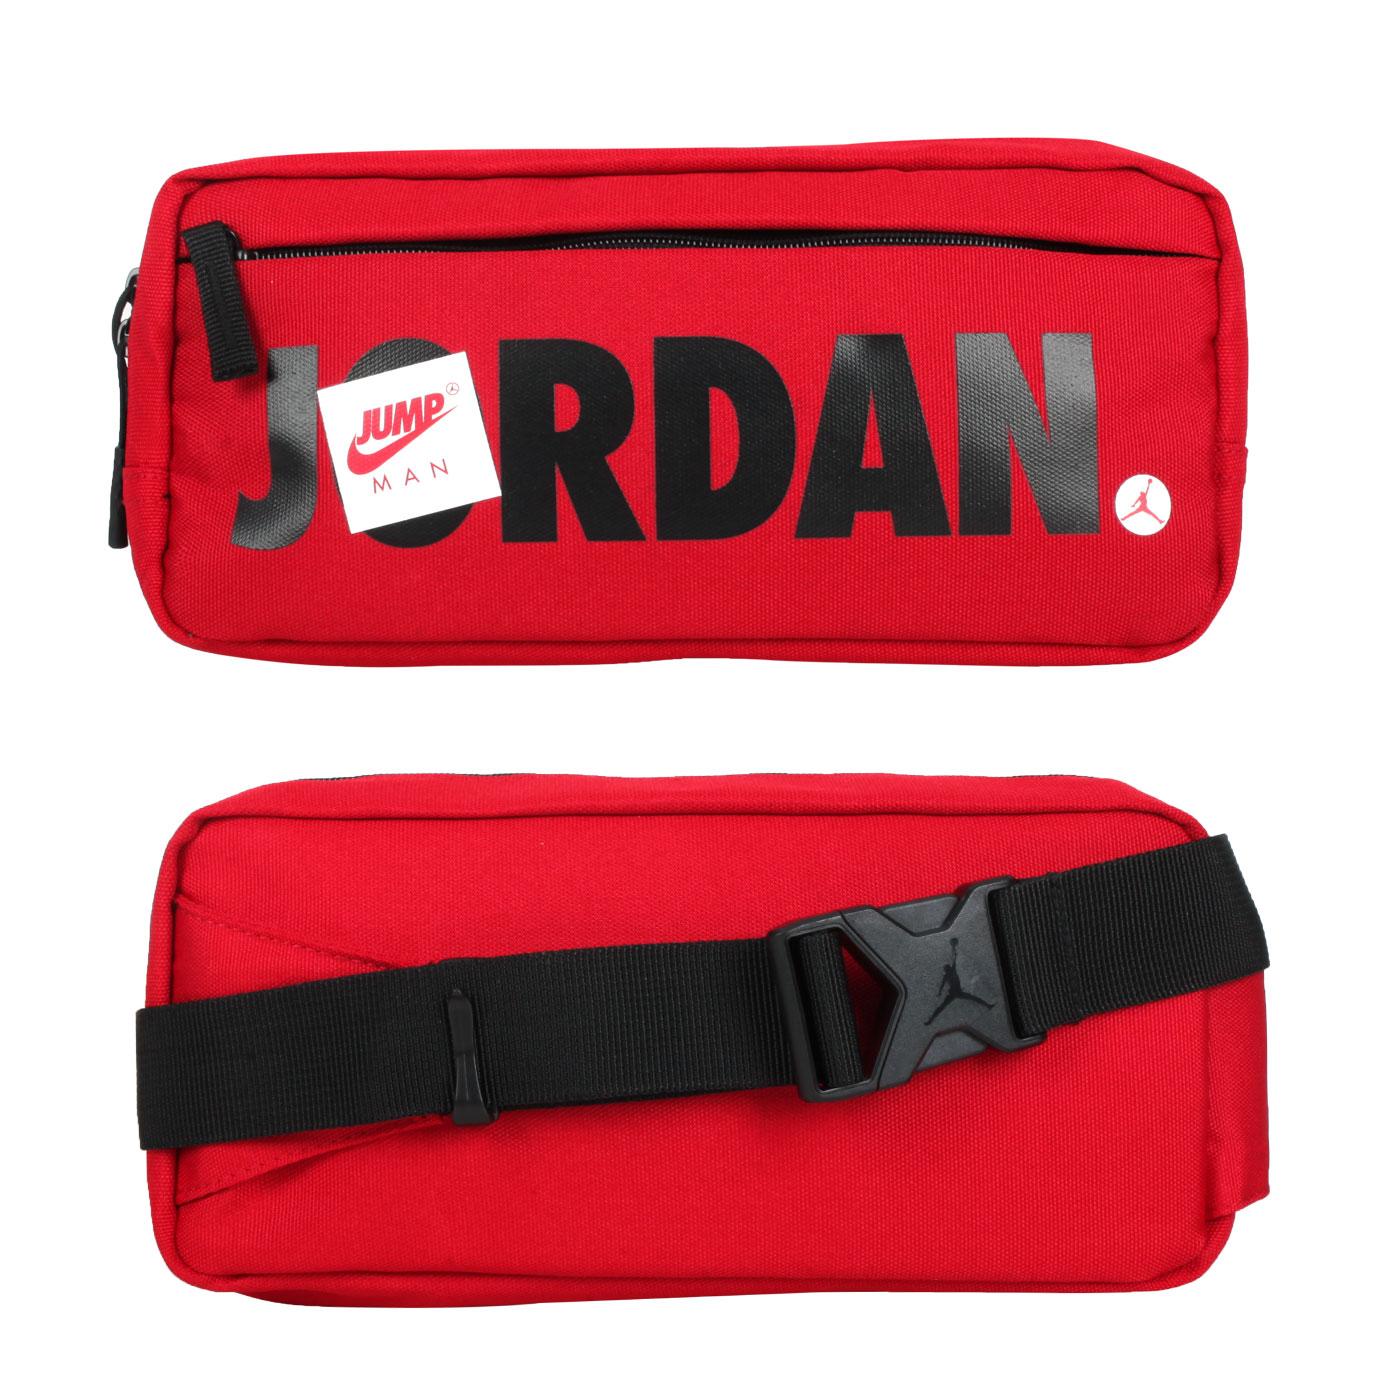 NIKE JORDAN 中型腰包 JD2113015AD-002